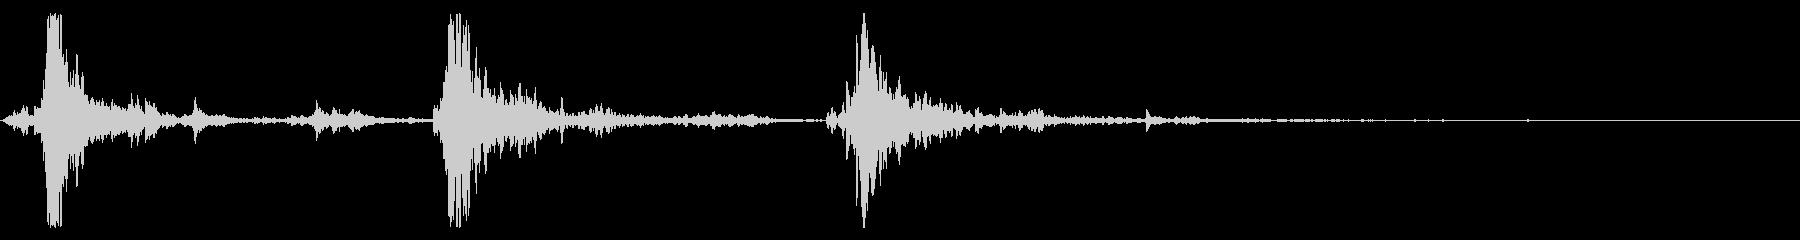 速く鳴るシャンシャンシャン(鈴の音)の未再生の波形